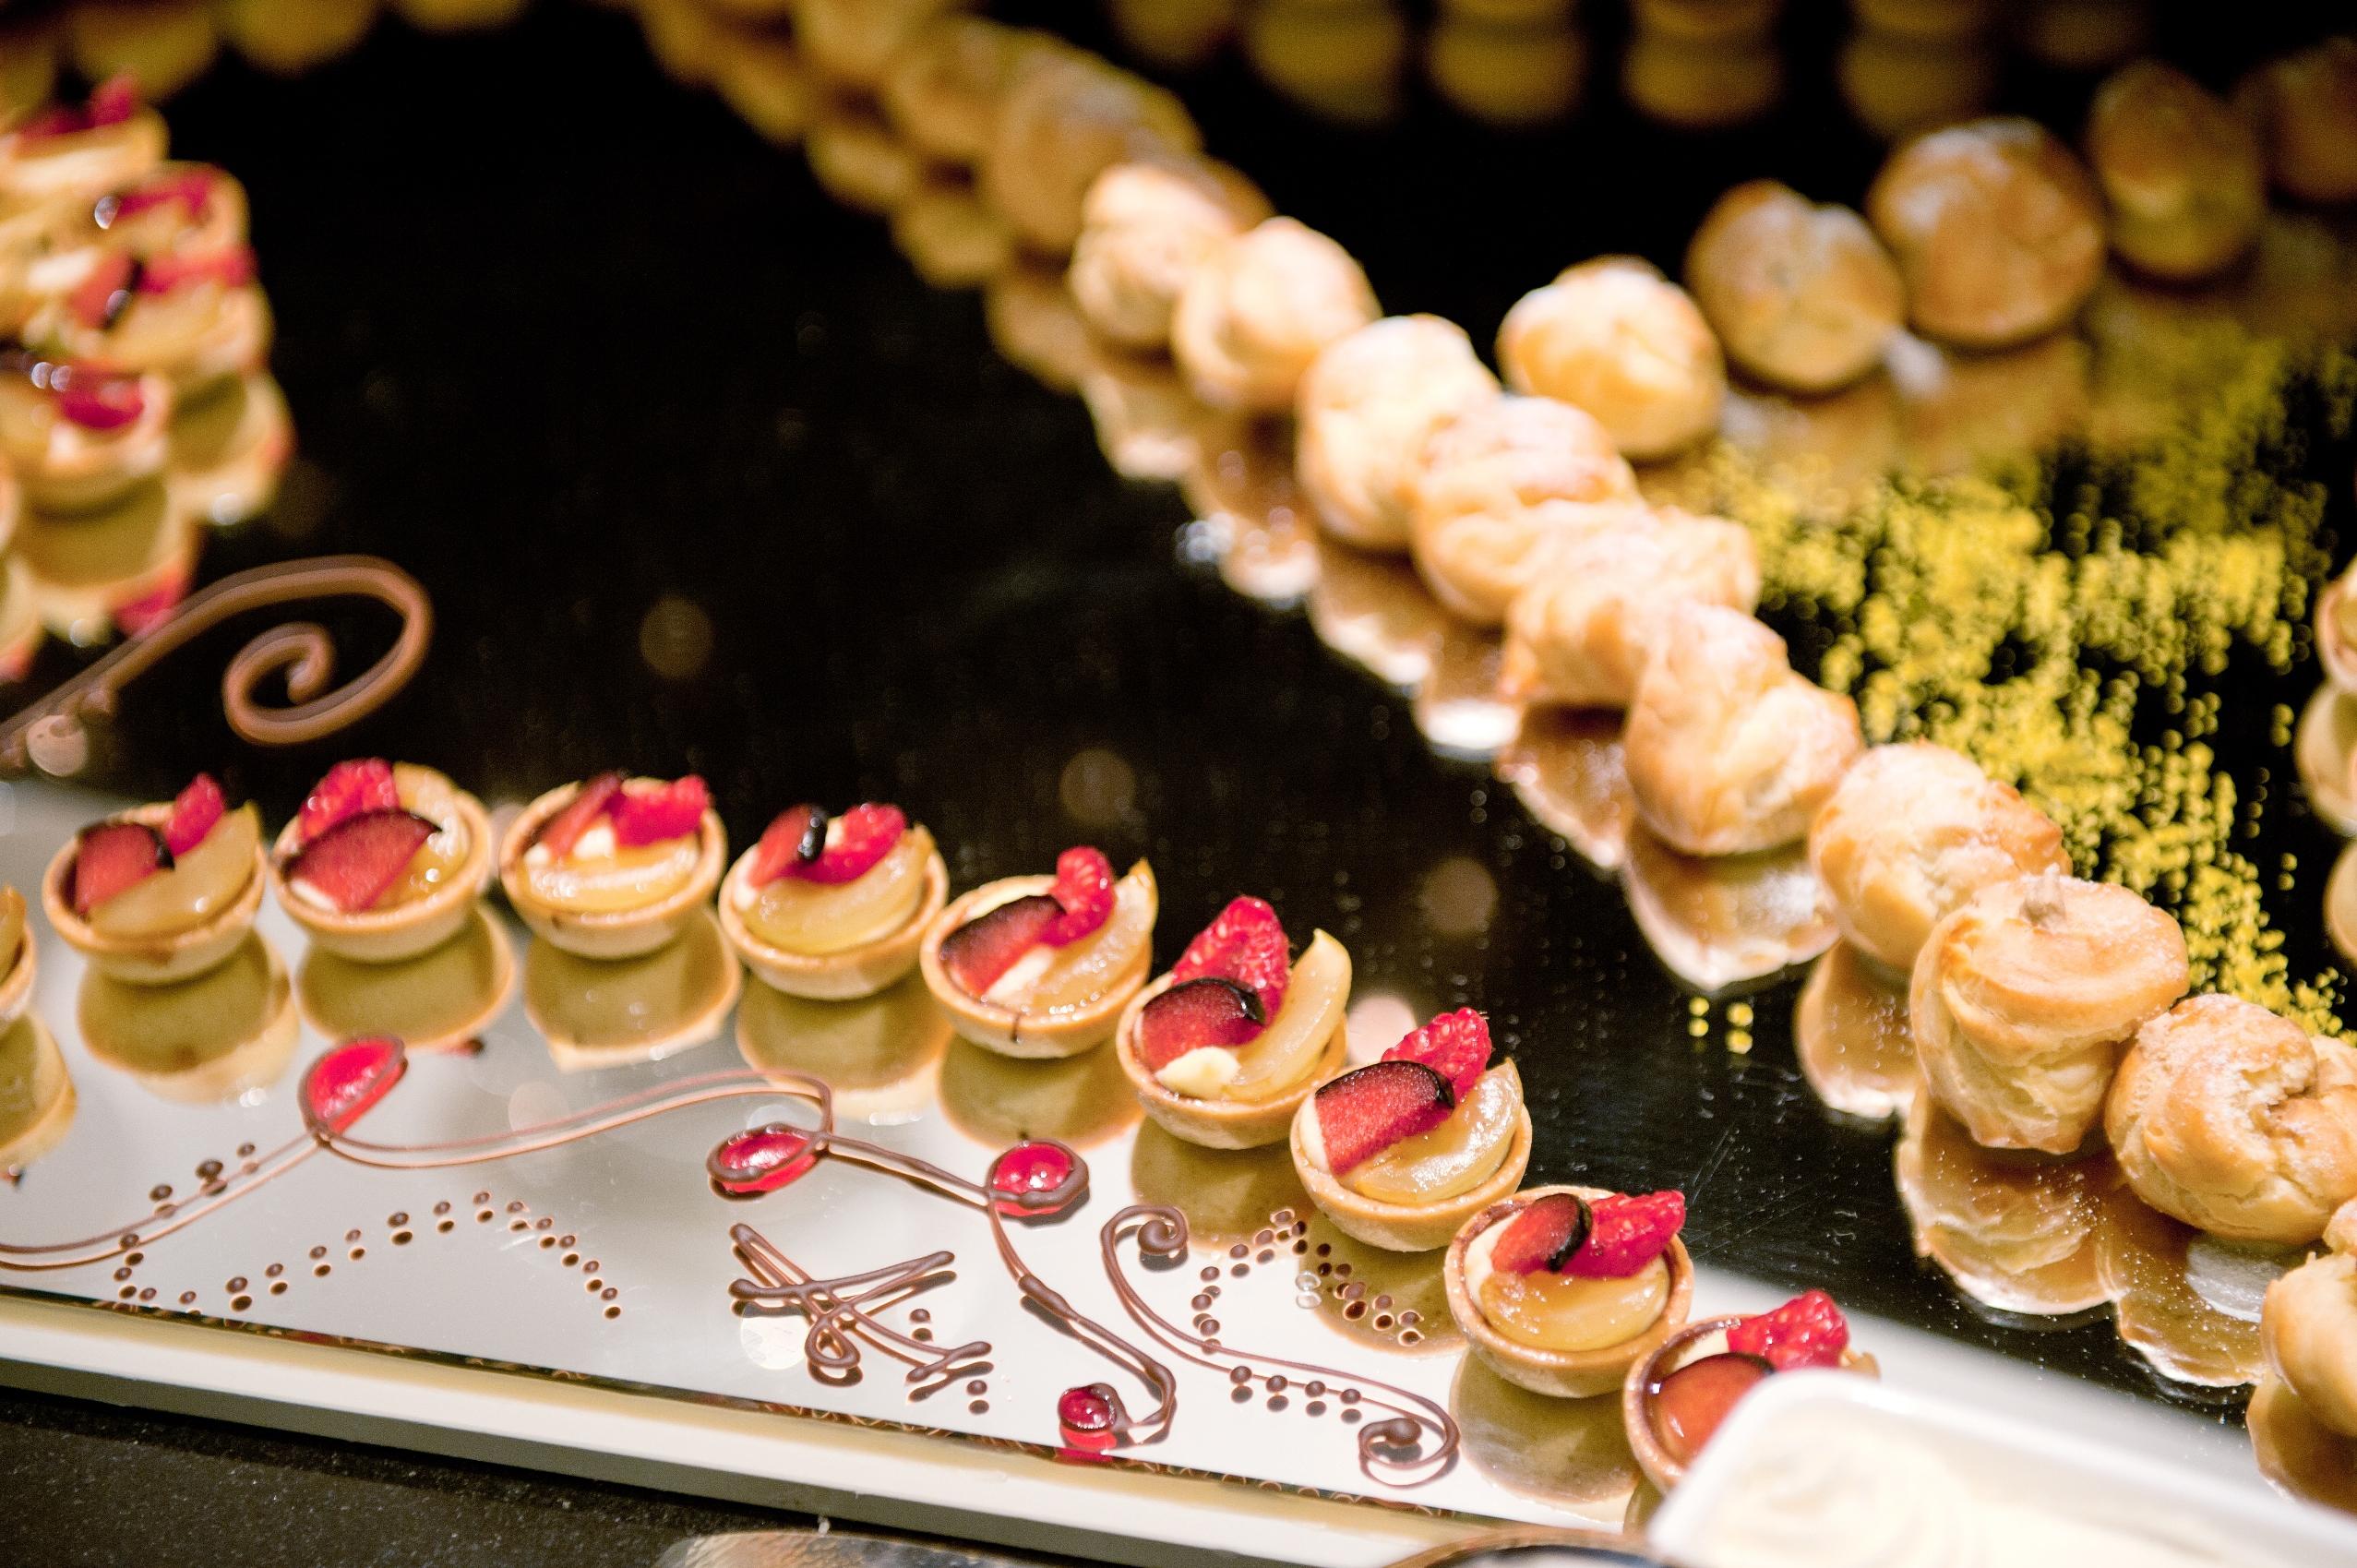 Dessert-Buffet à discrétion